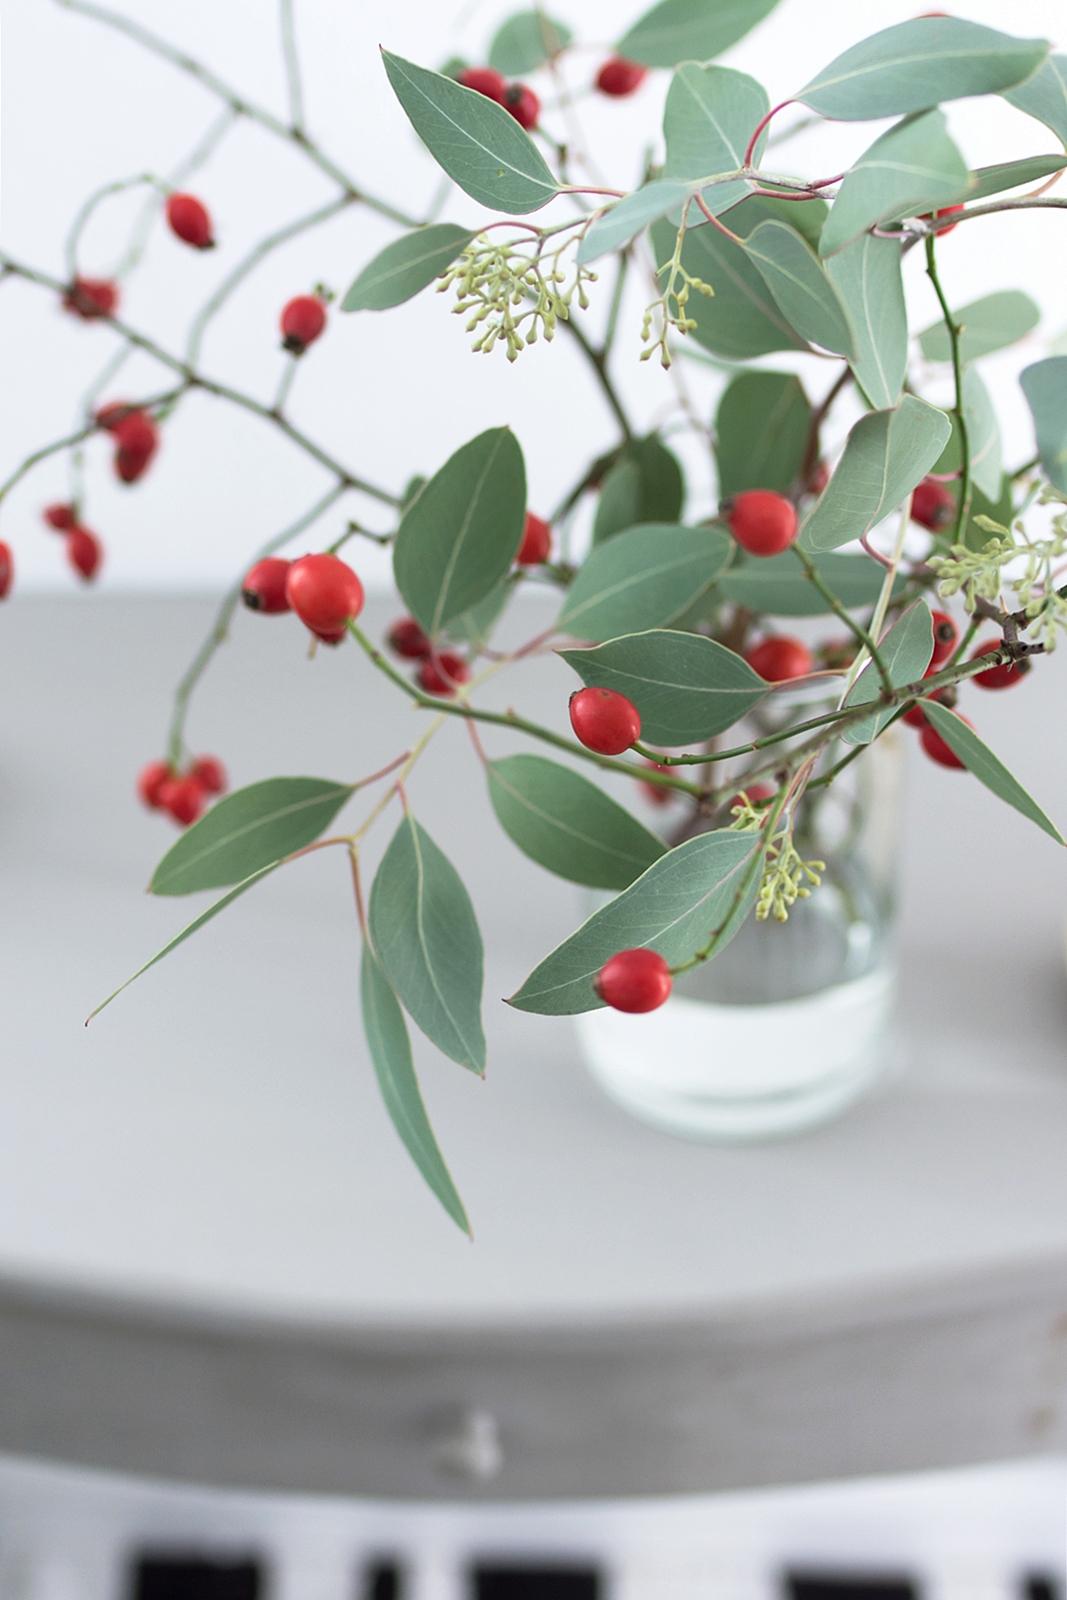 herbstdeko ganz schlicht mit hagebutten eukalyptus und wei en k rbissen sinnenrausch diy. Black Bedroom Furniture Sets. Home Design Ideas